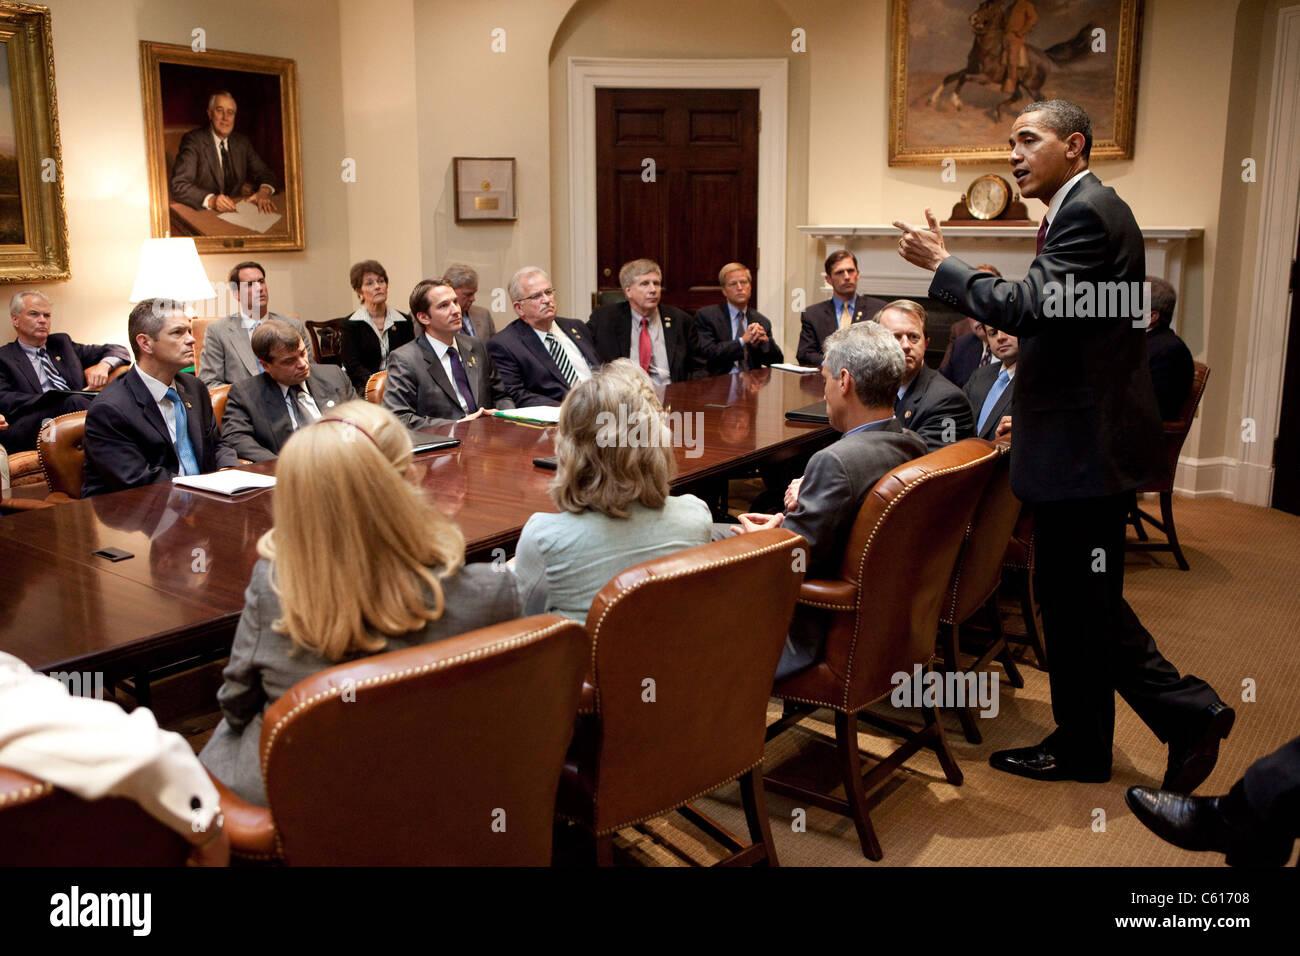 Präsident Obama auf eine parteiübergreifende Sitzung des Freshman Hausmitglieder im Weißen Haus. Stockbild